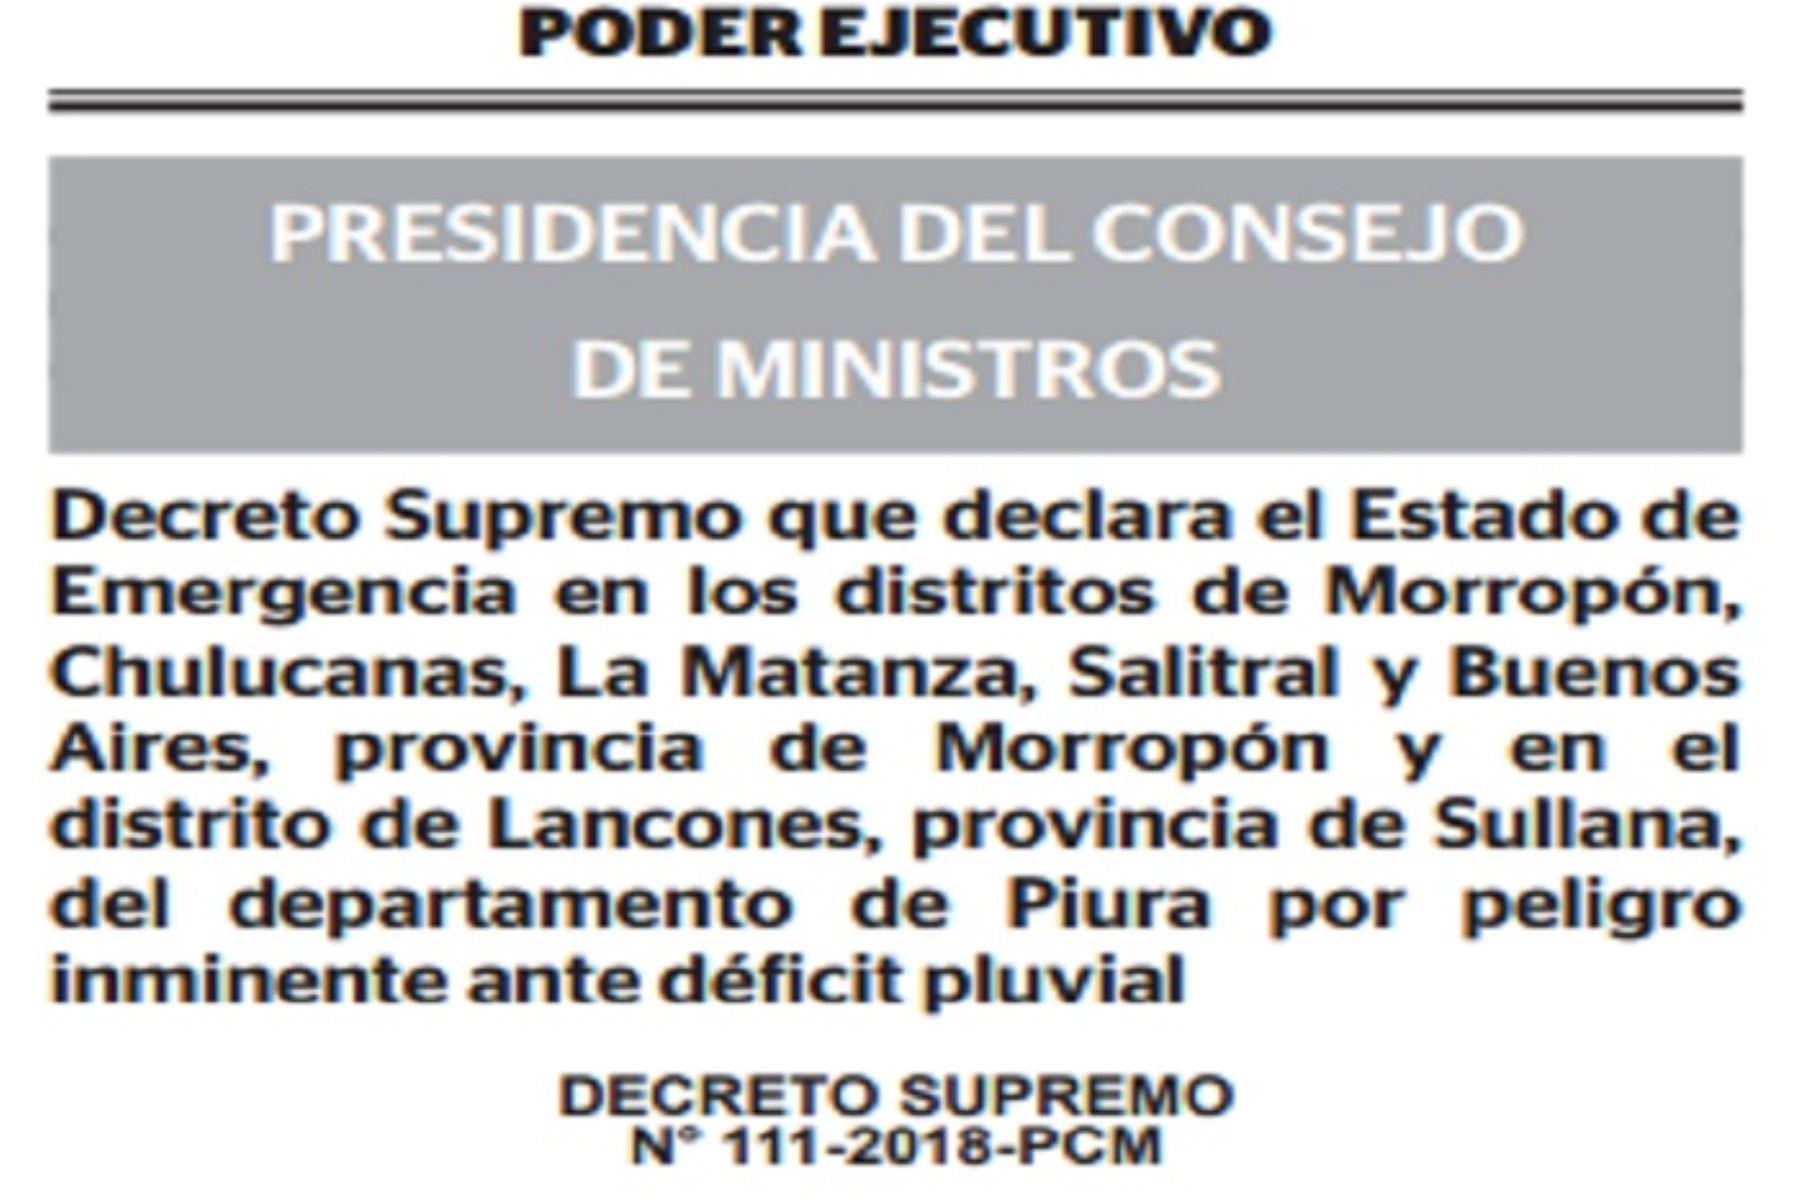 El Ejecutivo declaró el estado de emergencia en los distritos de Morropón, Chulucanas, La Matanza, Salitral y Buenos Aires, provincia de Morropón; y en el distrito de Lancones, provincia de Sullana del departamento de Piura, por peligro inminente ante déficit pluvial.